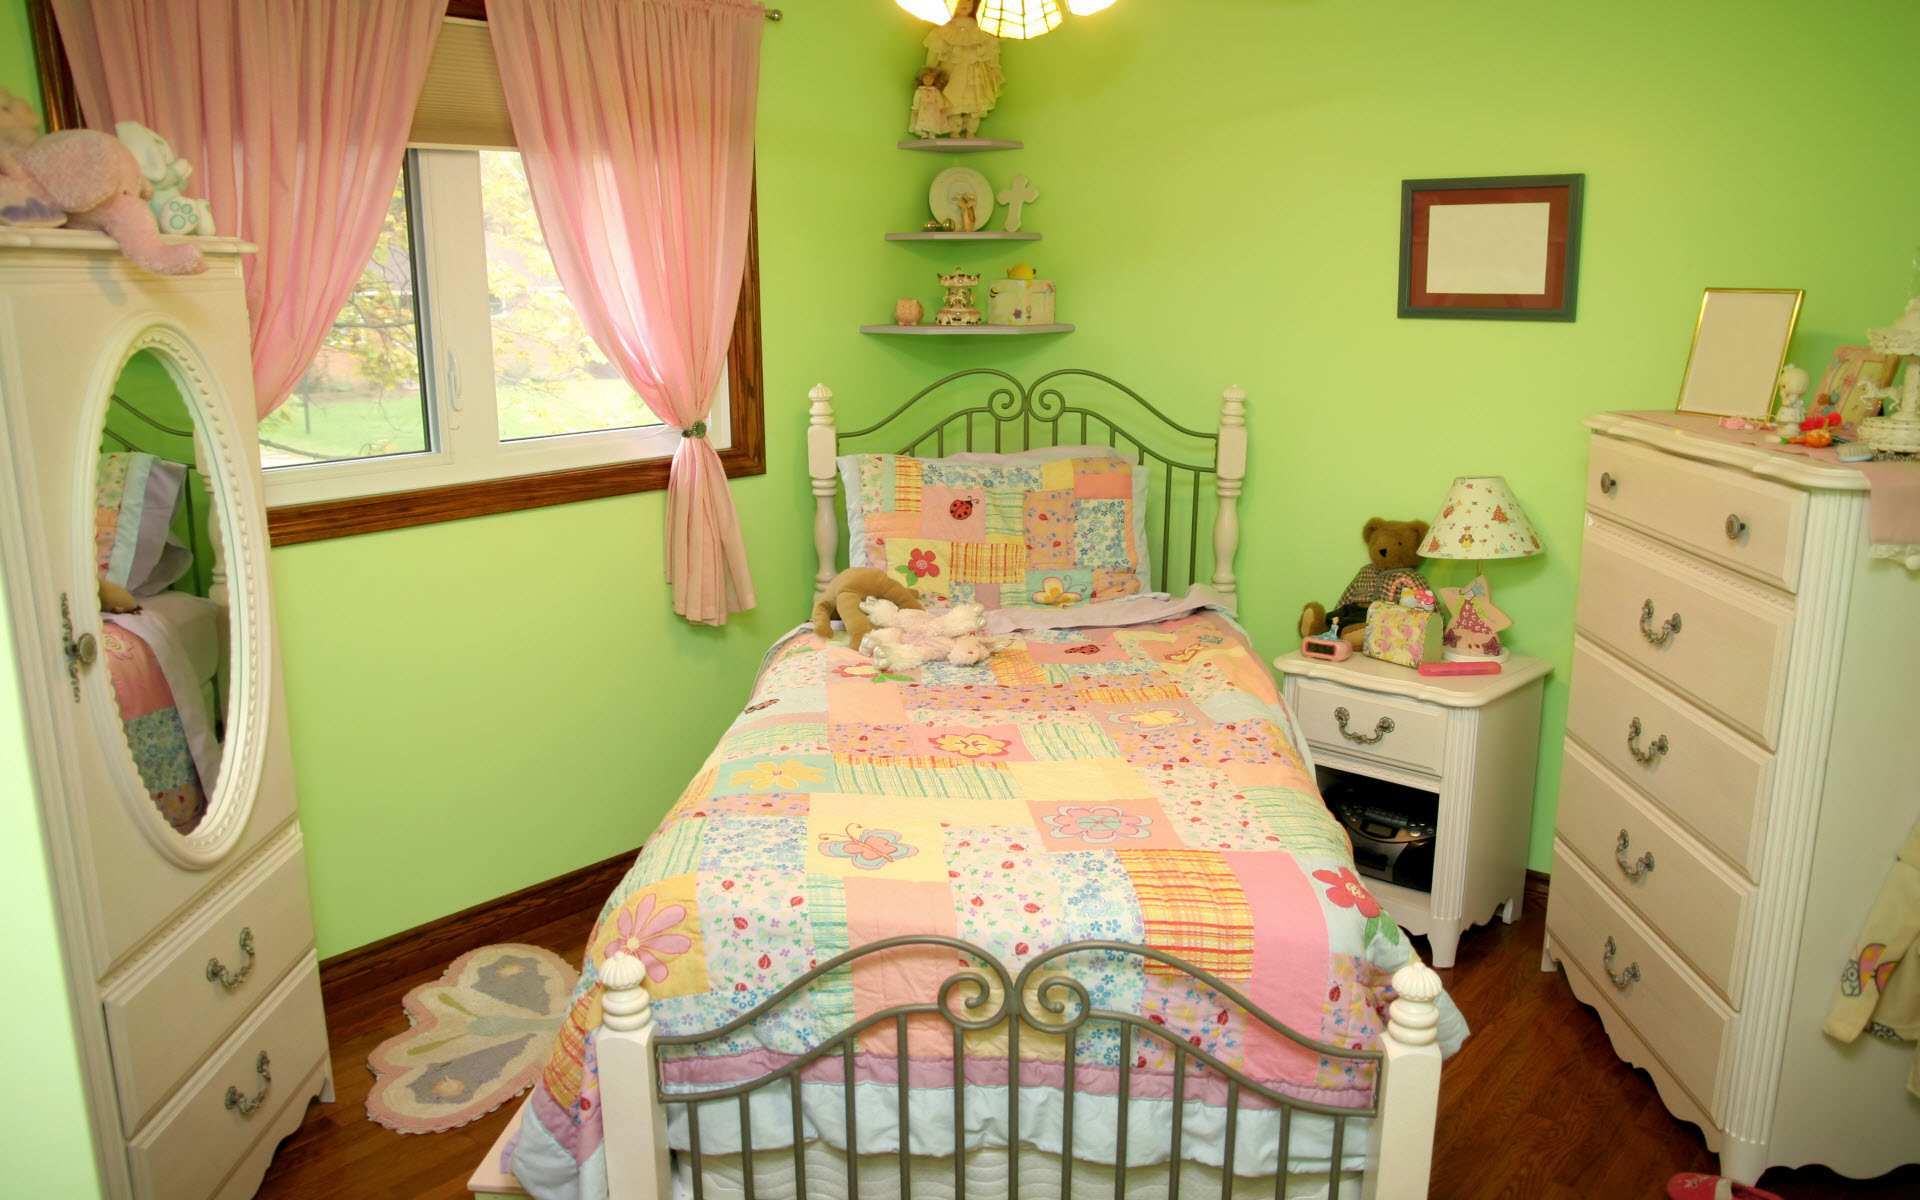 Pokoj dla dziewczyn 10 fd - Girls room pic ...